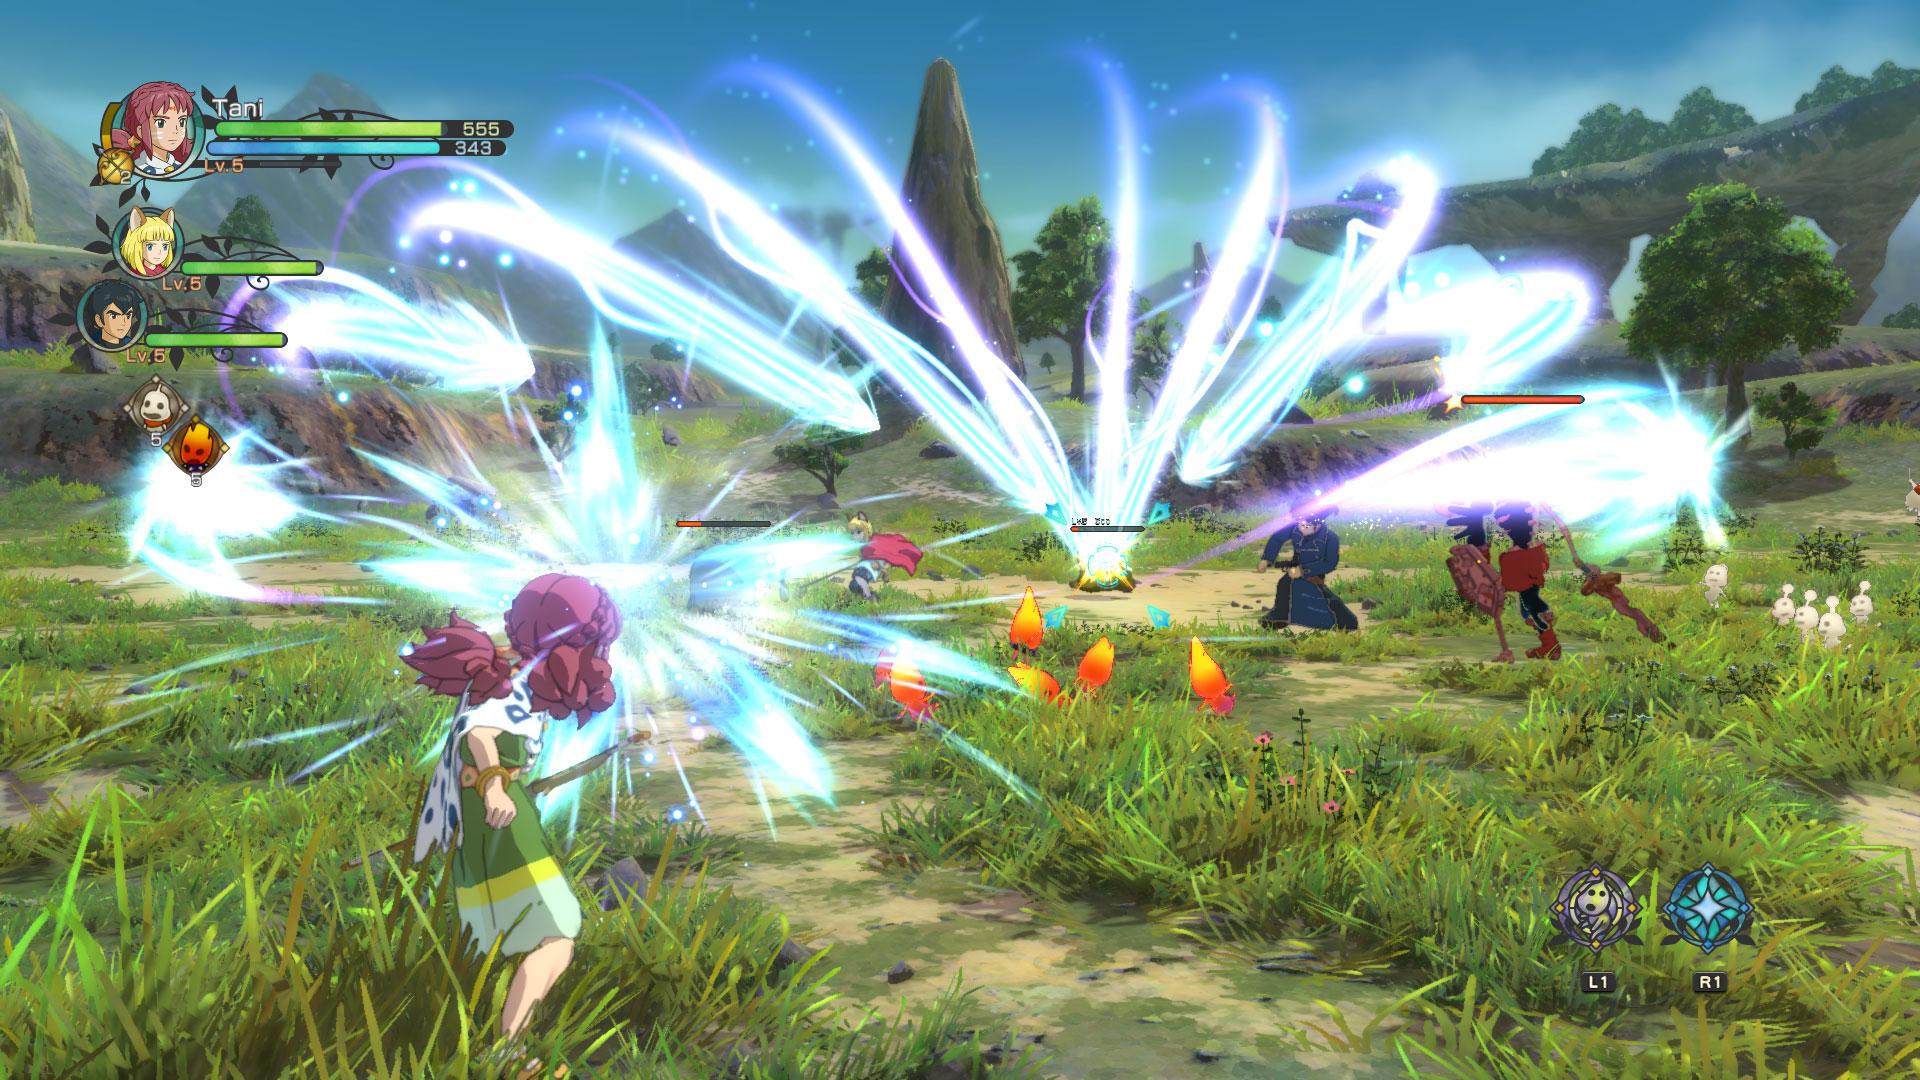 Bei Kämpfen auf der Oberlandkarte wird in eine extra Gefechts-Arena umgeschaltet. Hier beharken die Helden ihre Gegner mit Hieben, Spezialangriffen und Zaubersprüchen.